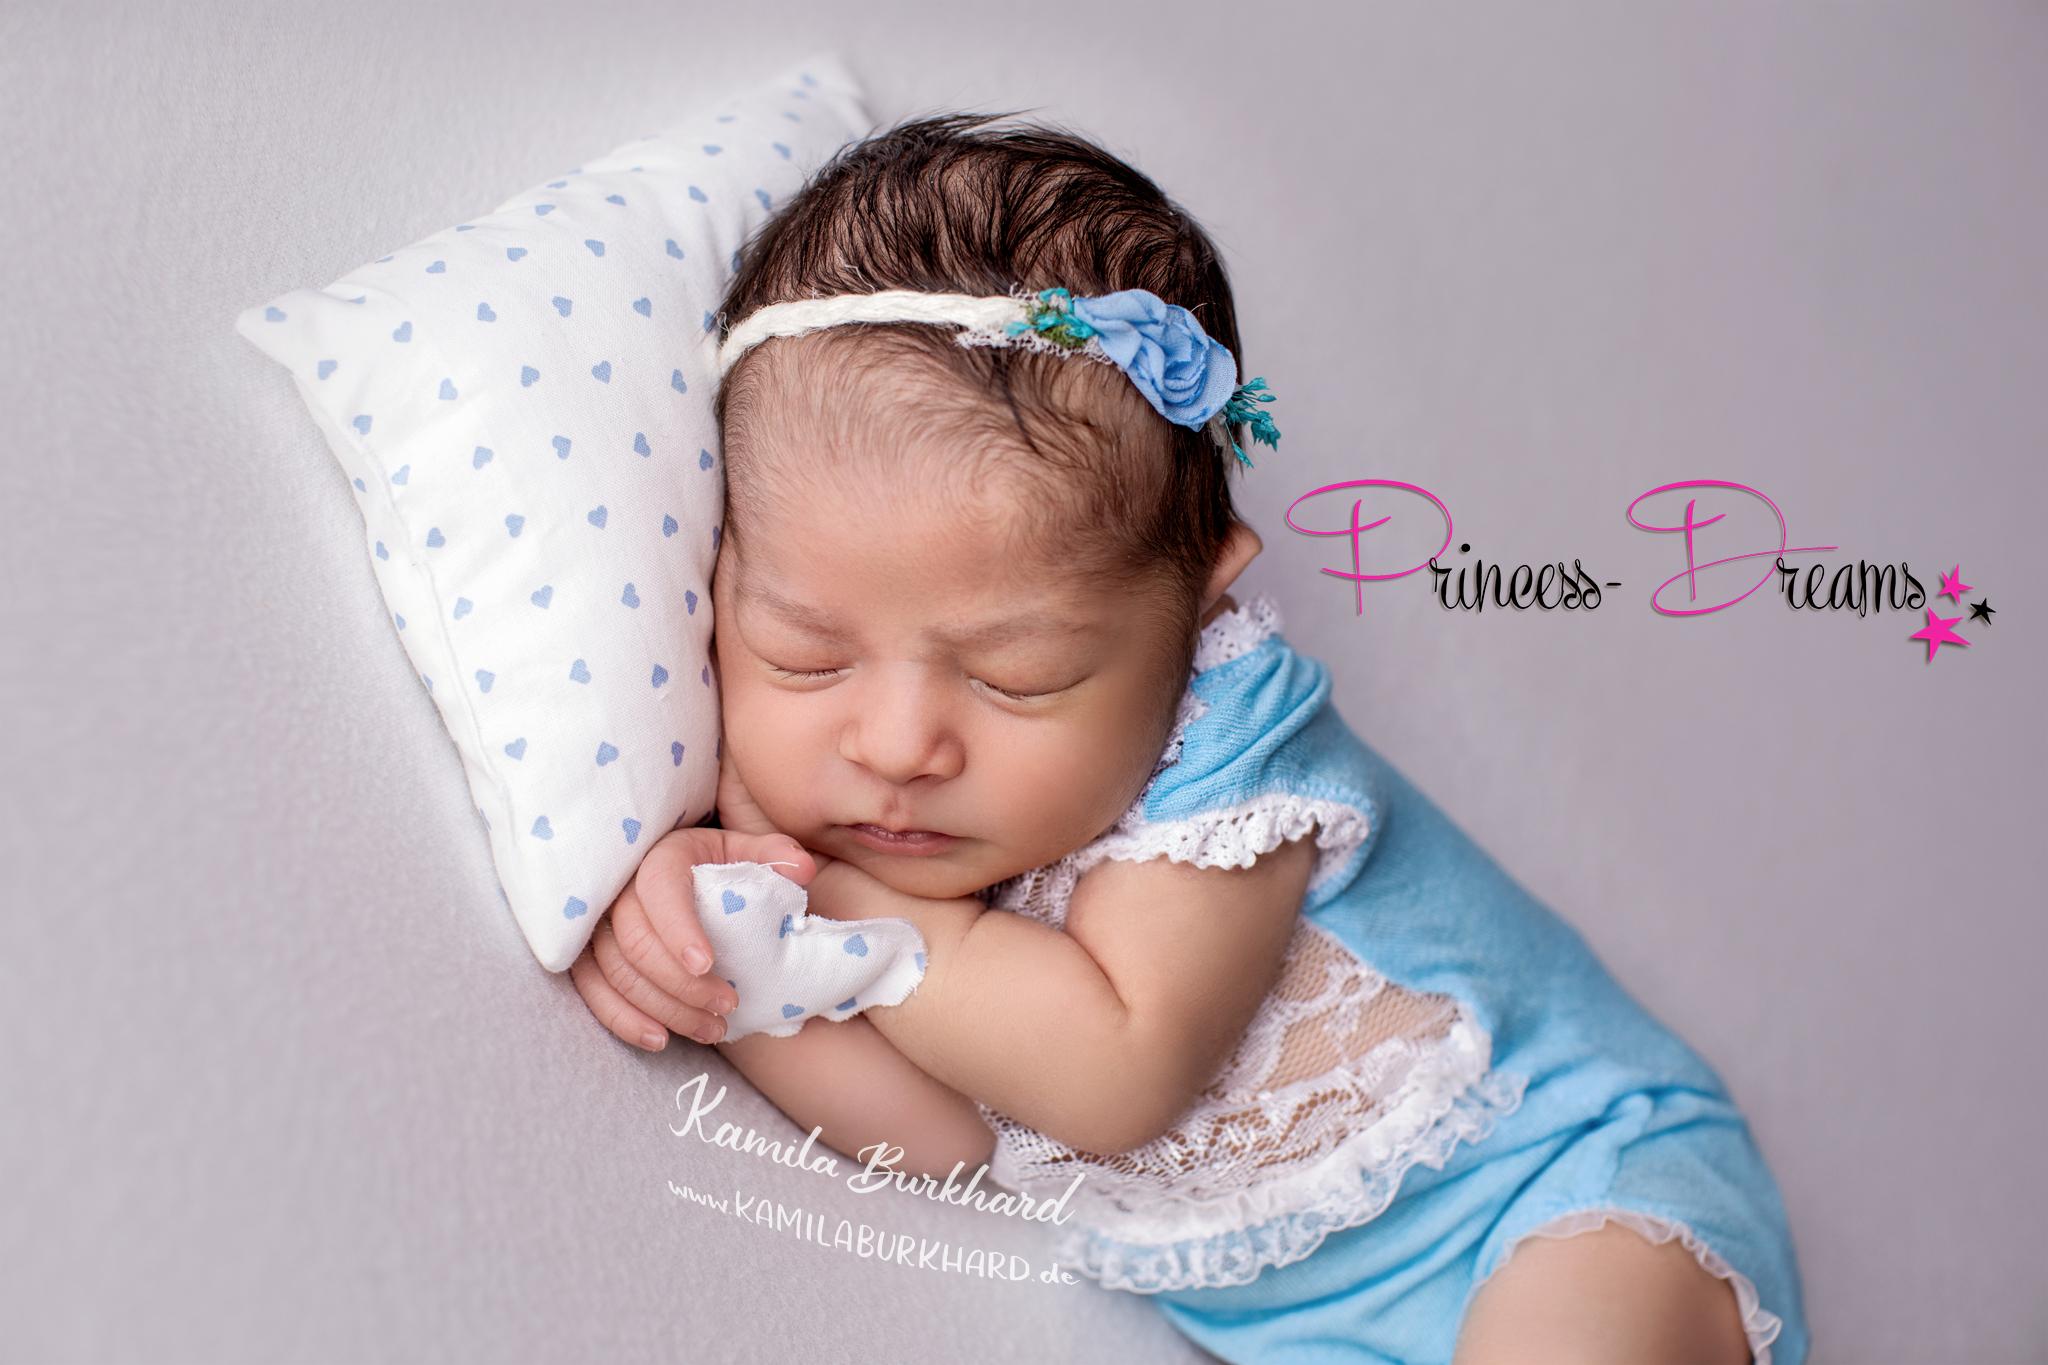 Neugeborenen Set Mädchen, Newborn Outfit, Neugeborenen requisiten, Baby Fotografie ,Prop Neugeborenen Accessoires Neugeborenen Haarband